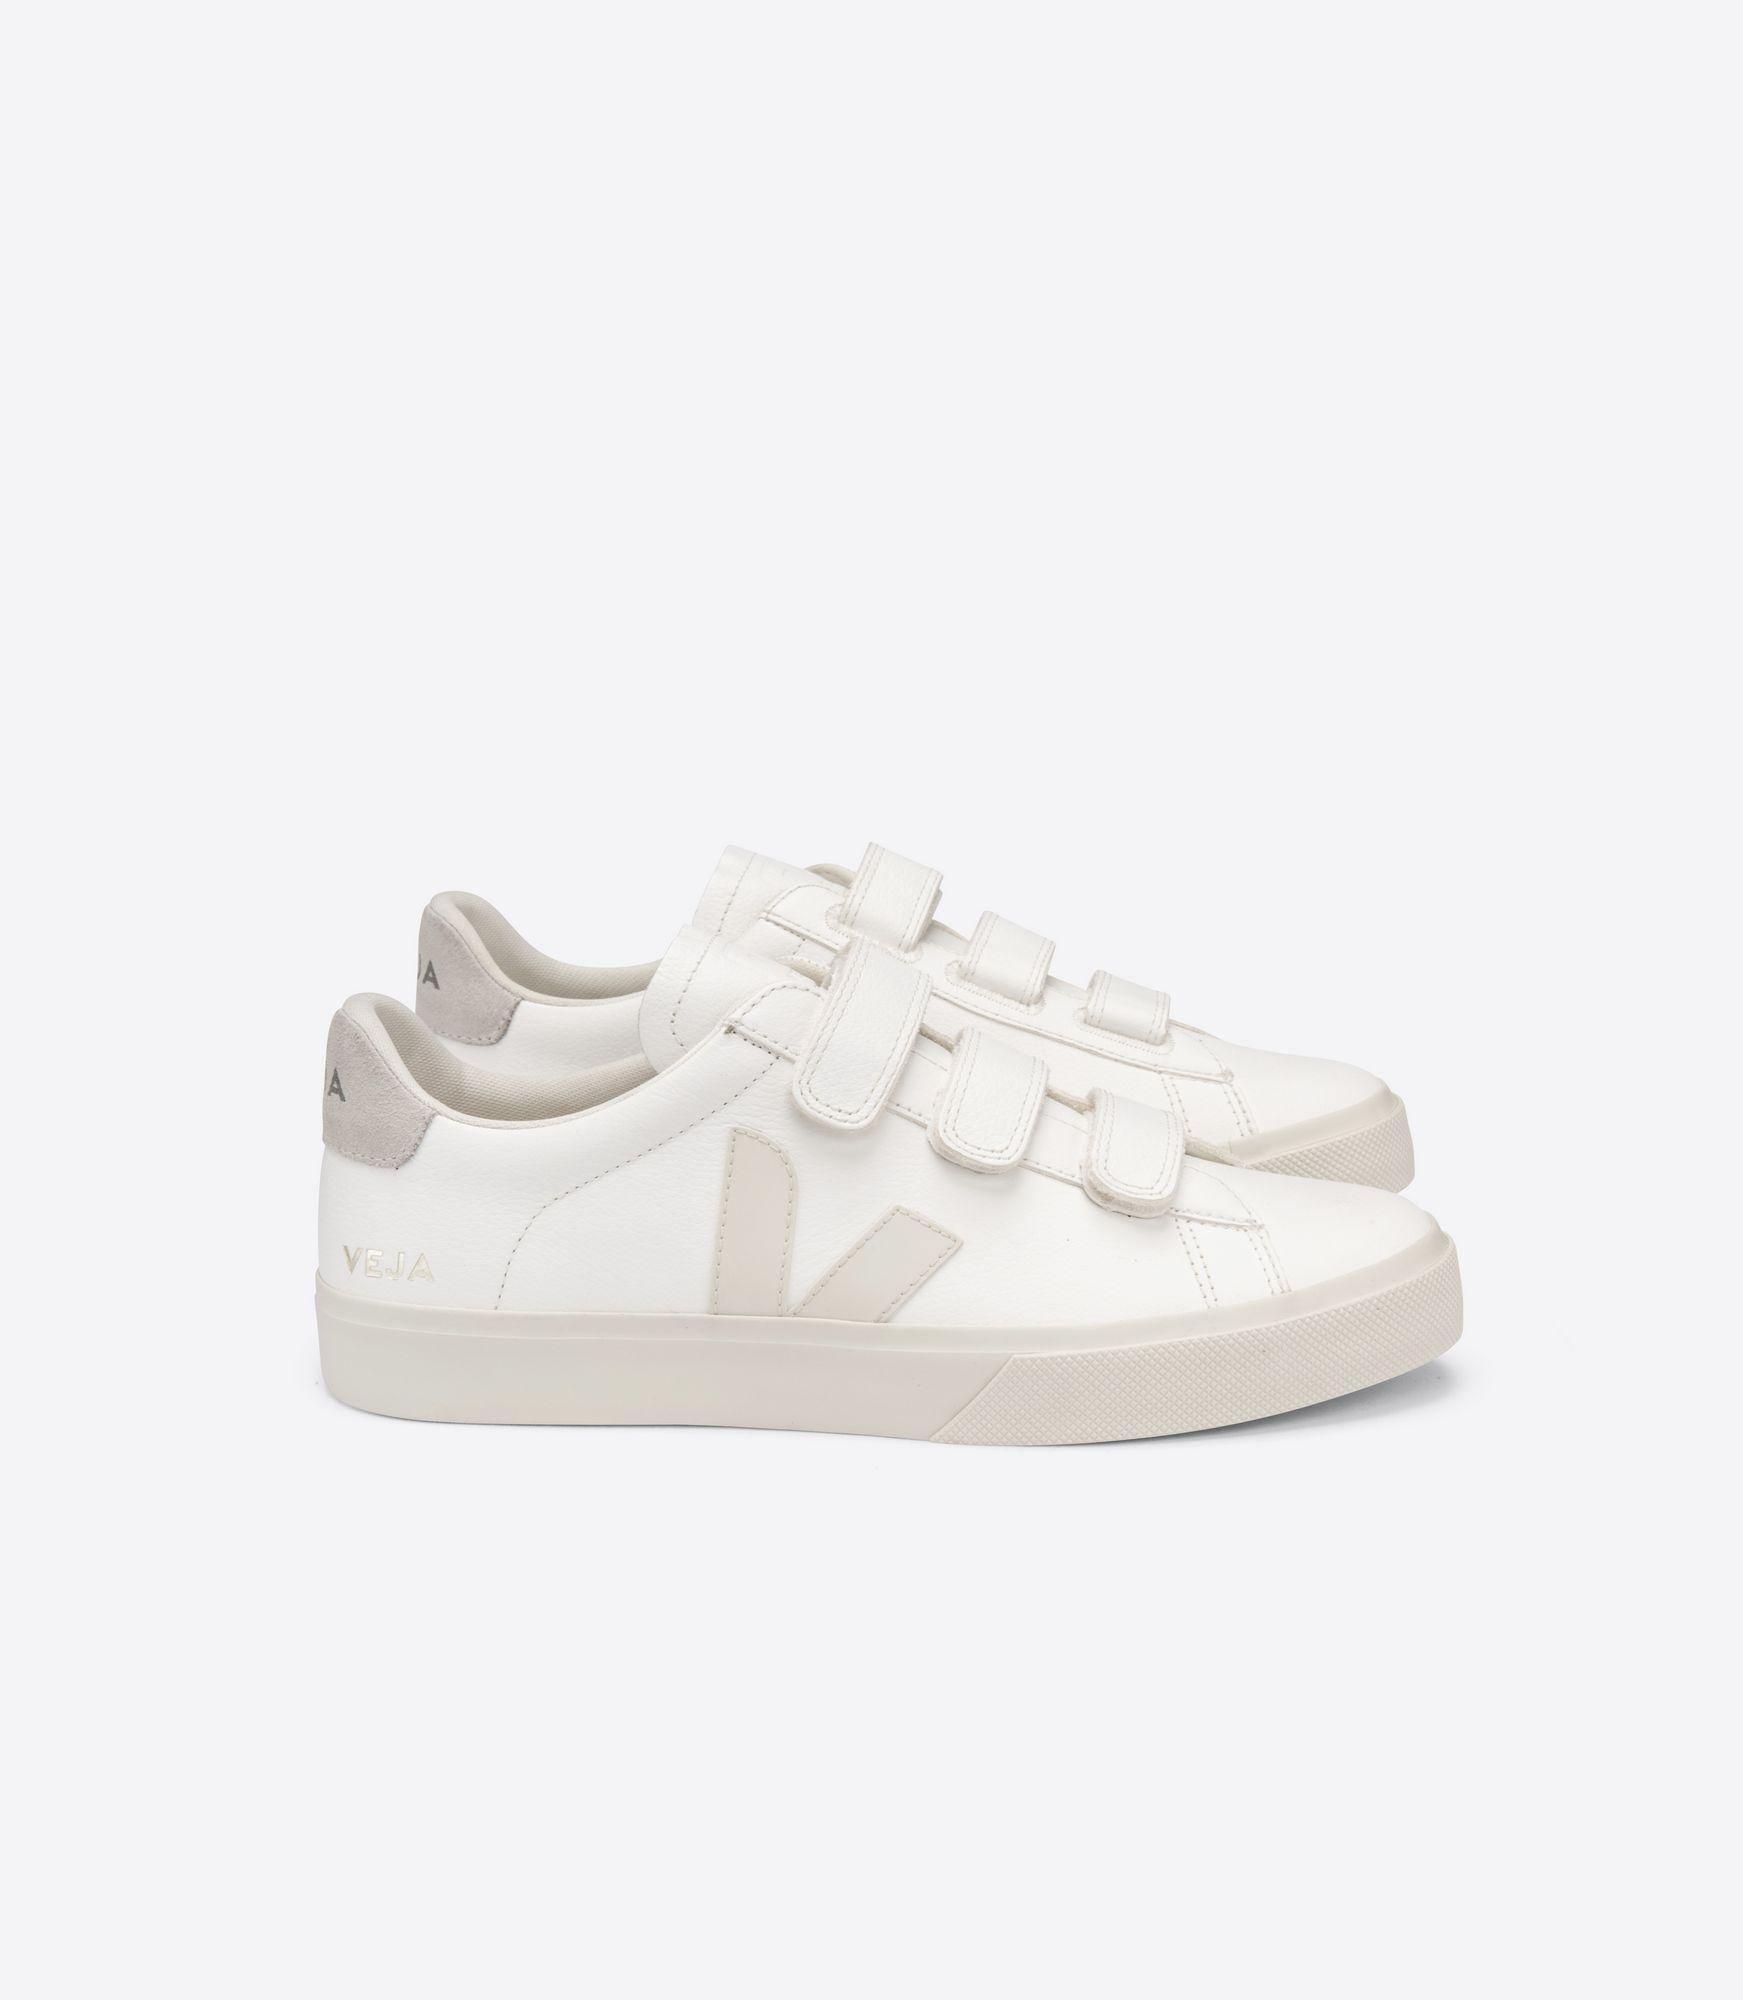 VEJA - Recife - white/pierre/natural velcro sneaker